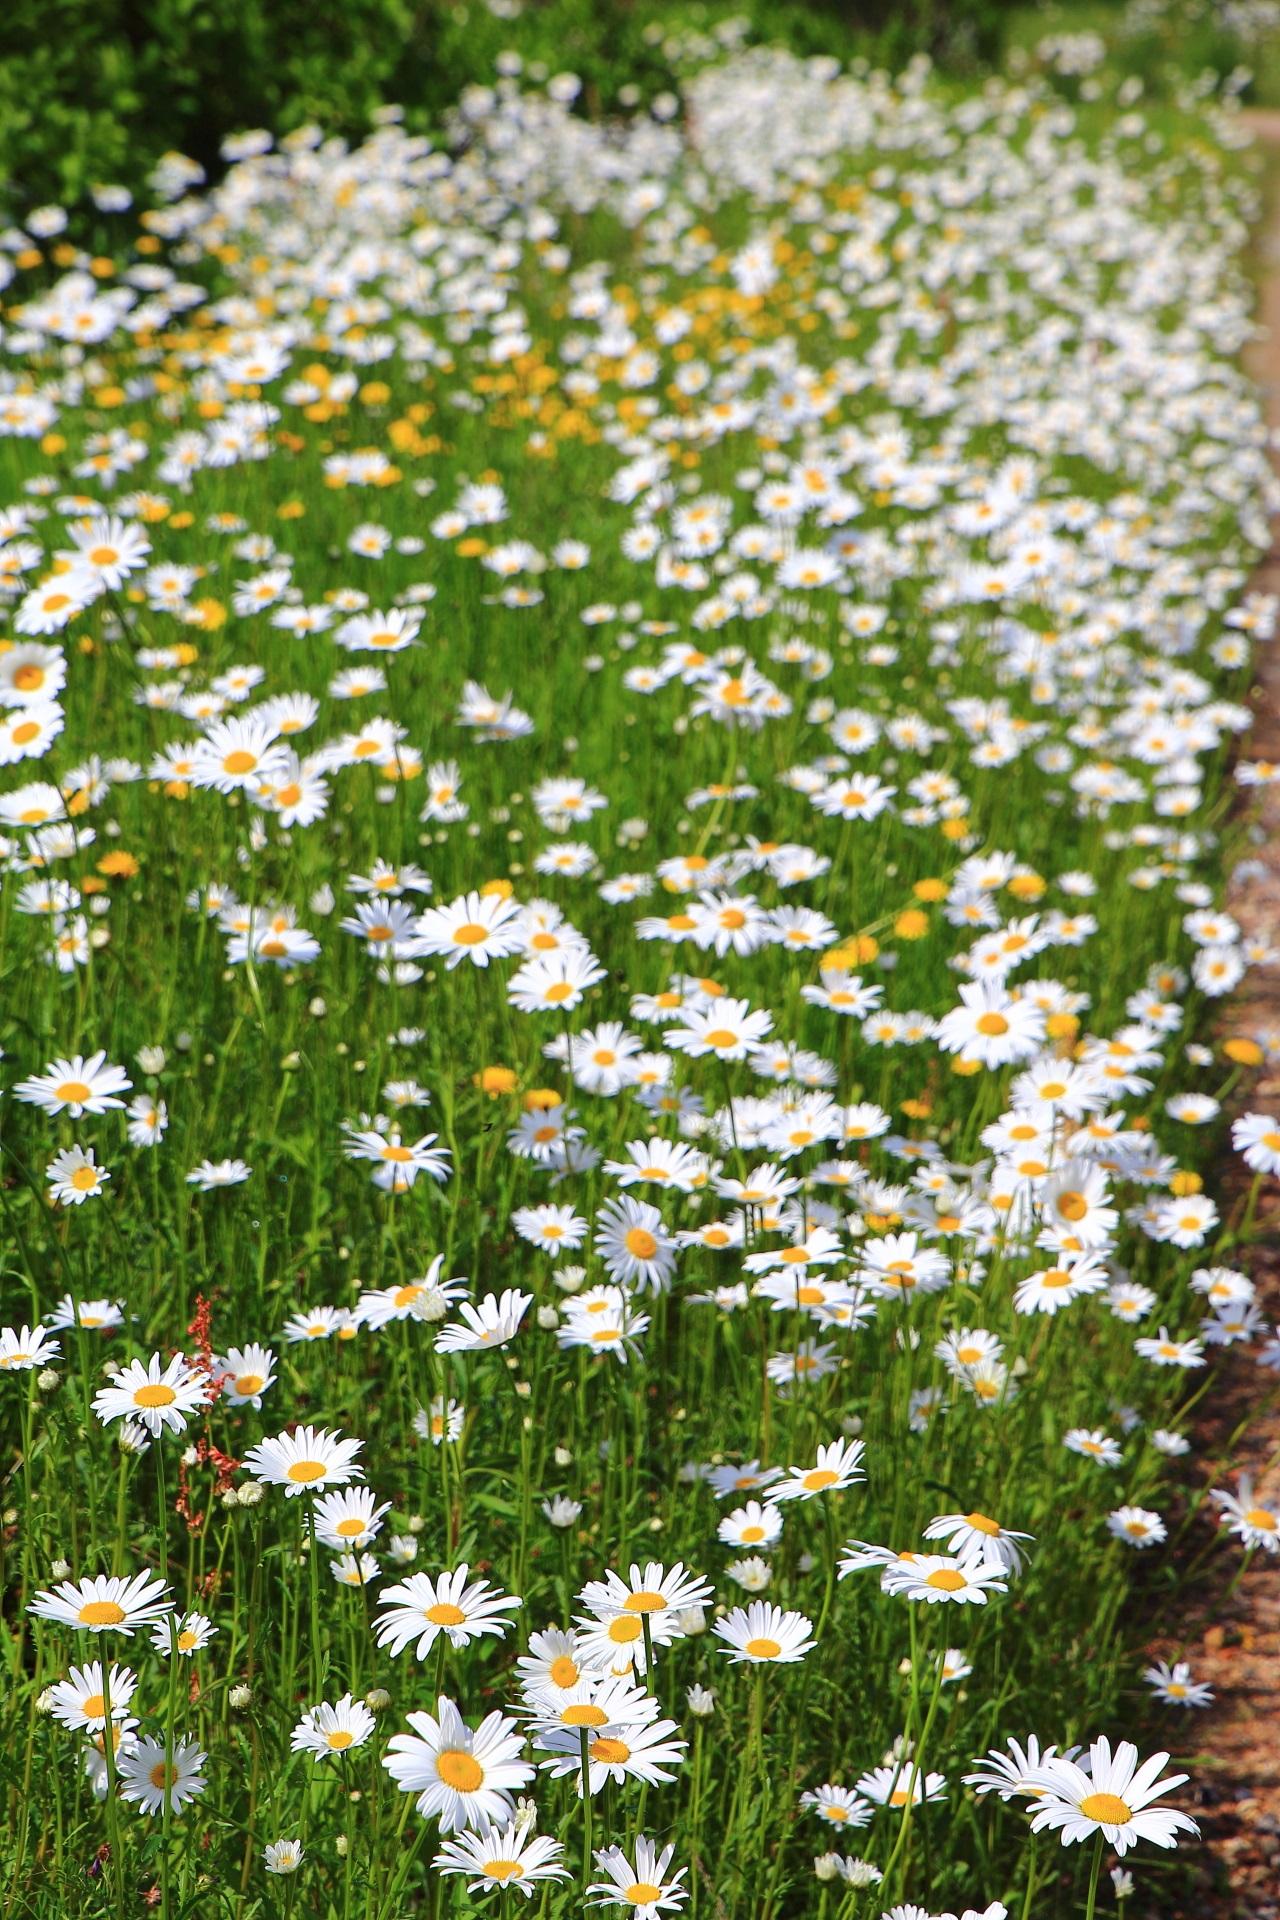 田園を彩る春爛漫の華やかな風景